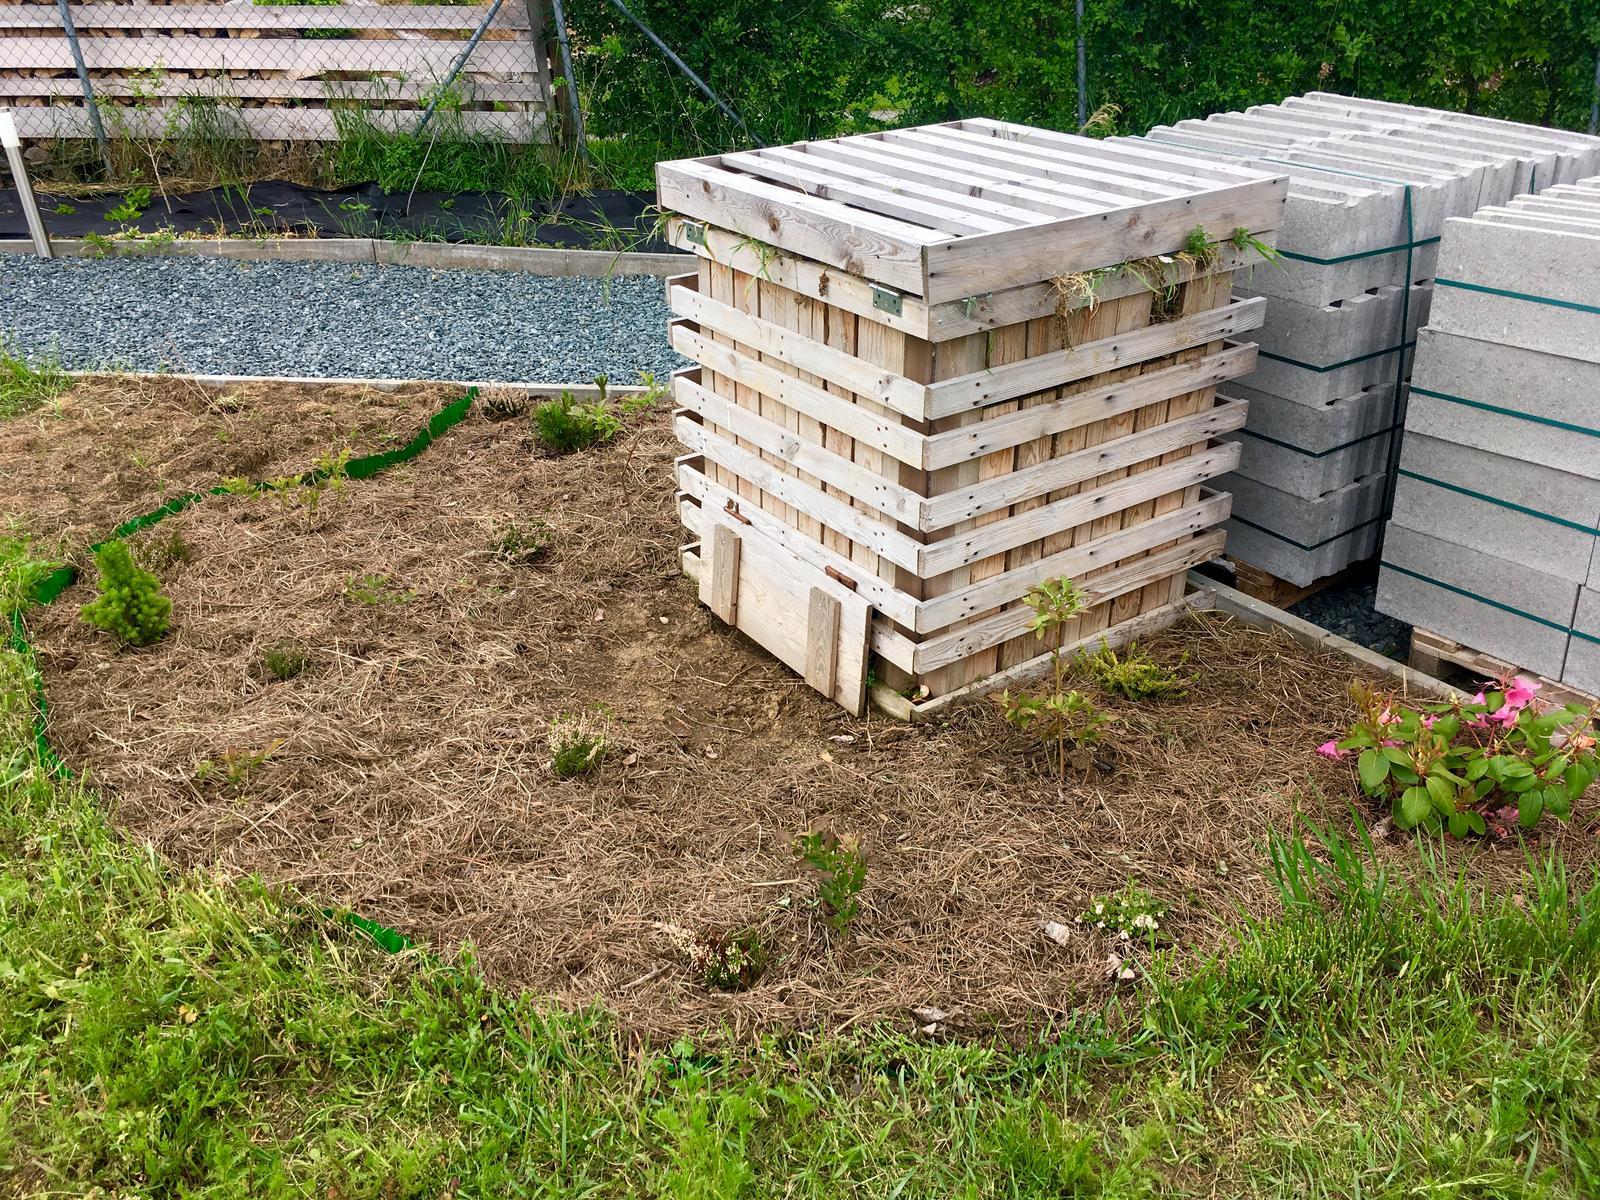 Fáze druhá ... zahrada - Květen 2019 - hnojení a mulčování prostoru borůvek (rohovina, kompost, zetlelé ořešákové listí, borovicové jehličí)